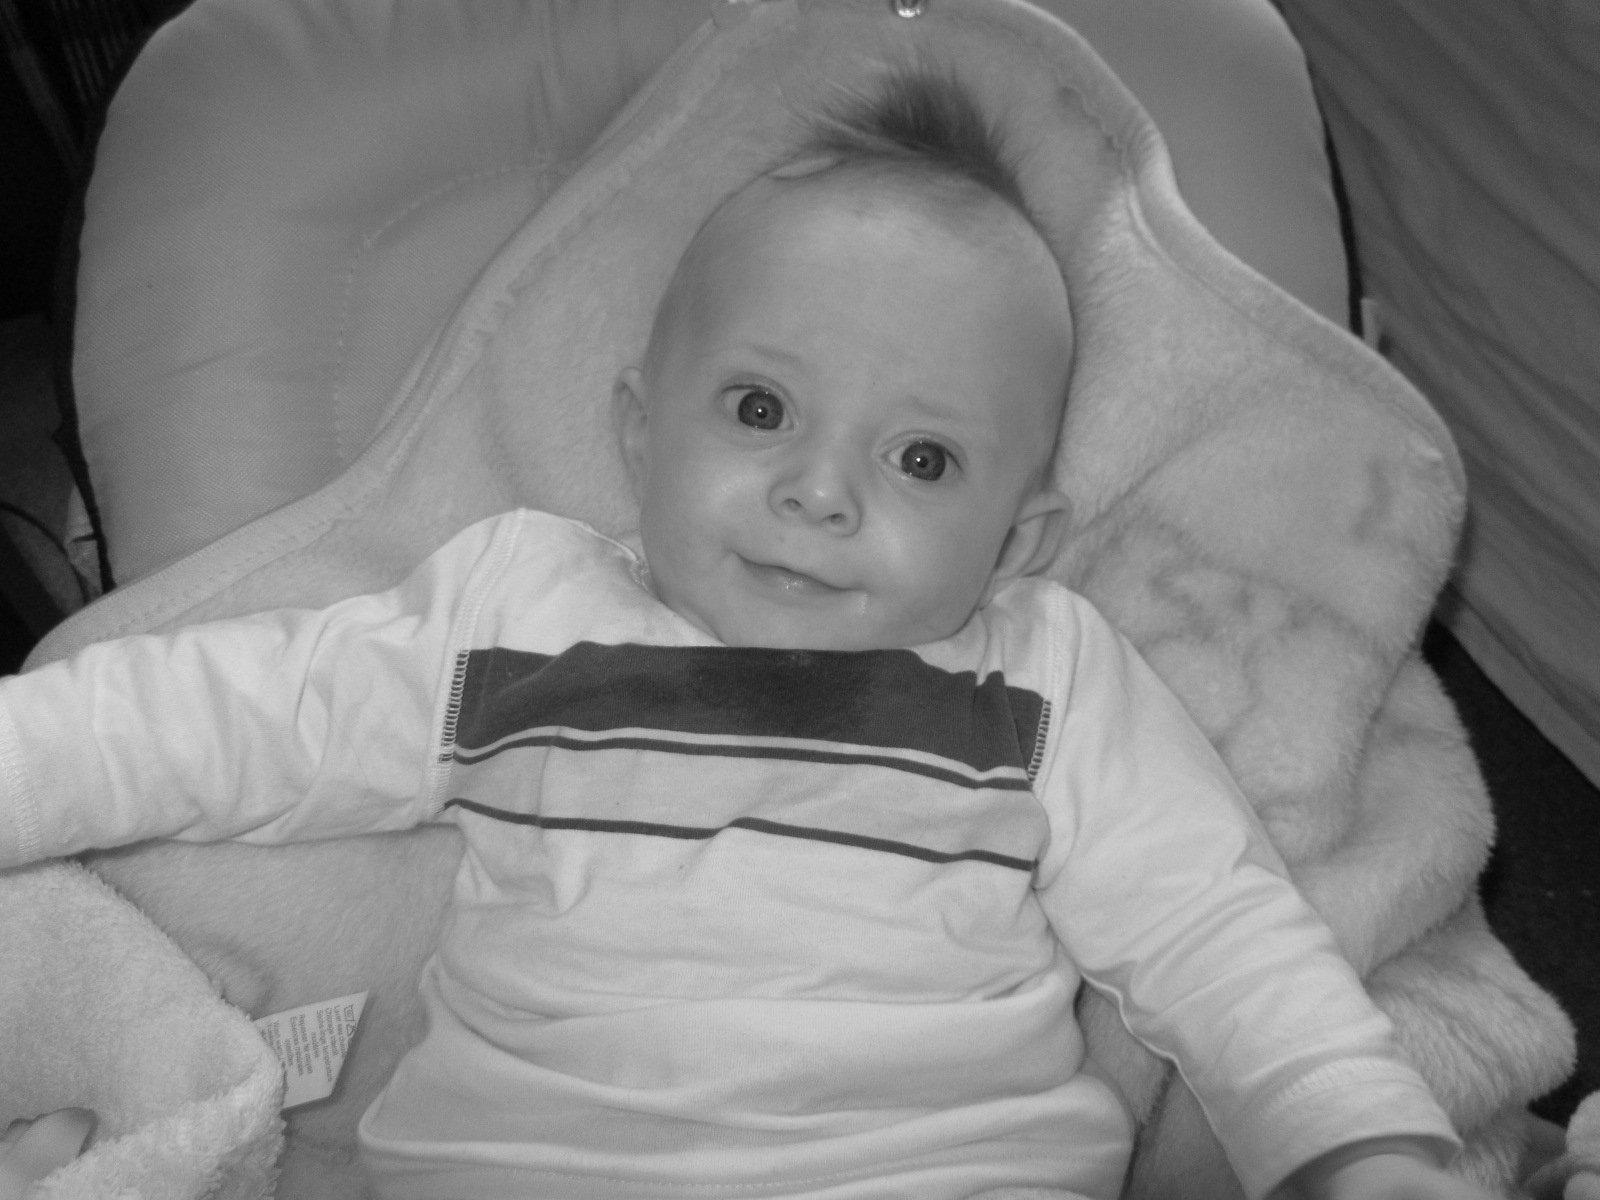 Autour de p pette d veloppement de b b mois par mois - Rever de porter un bebe dans ses bras ...